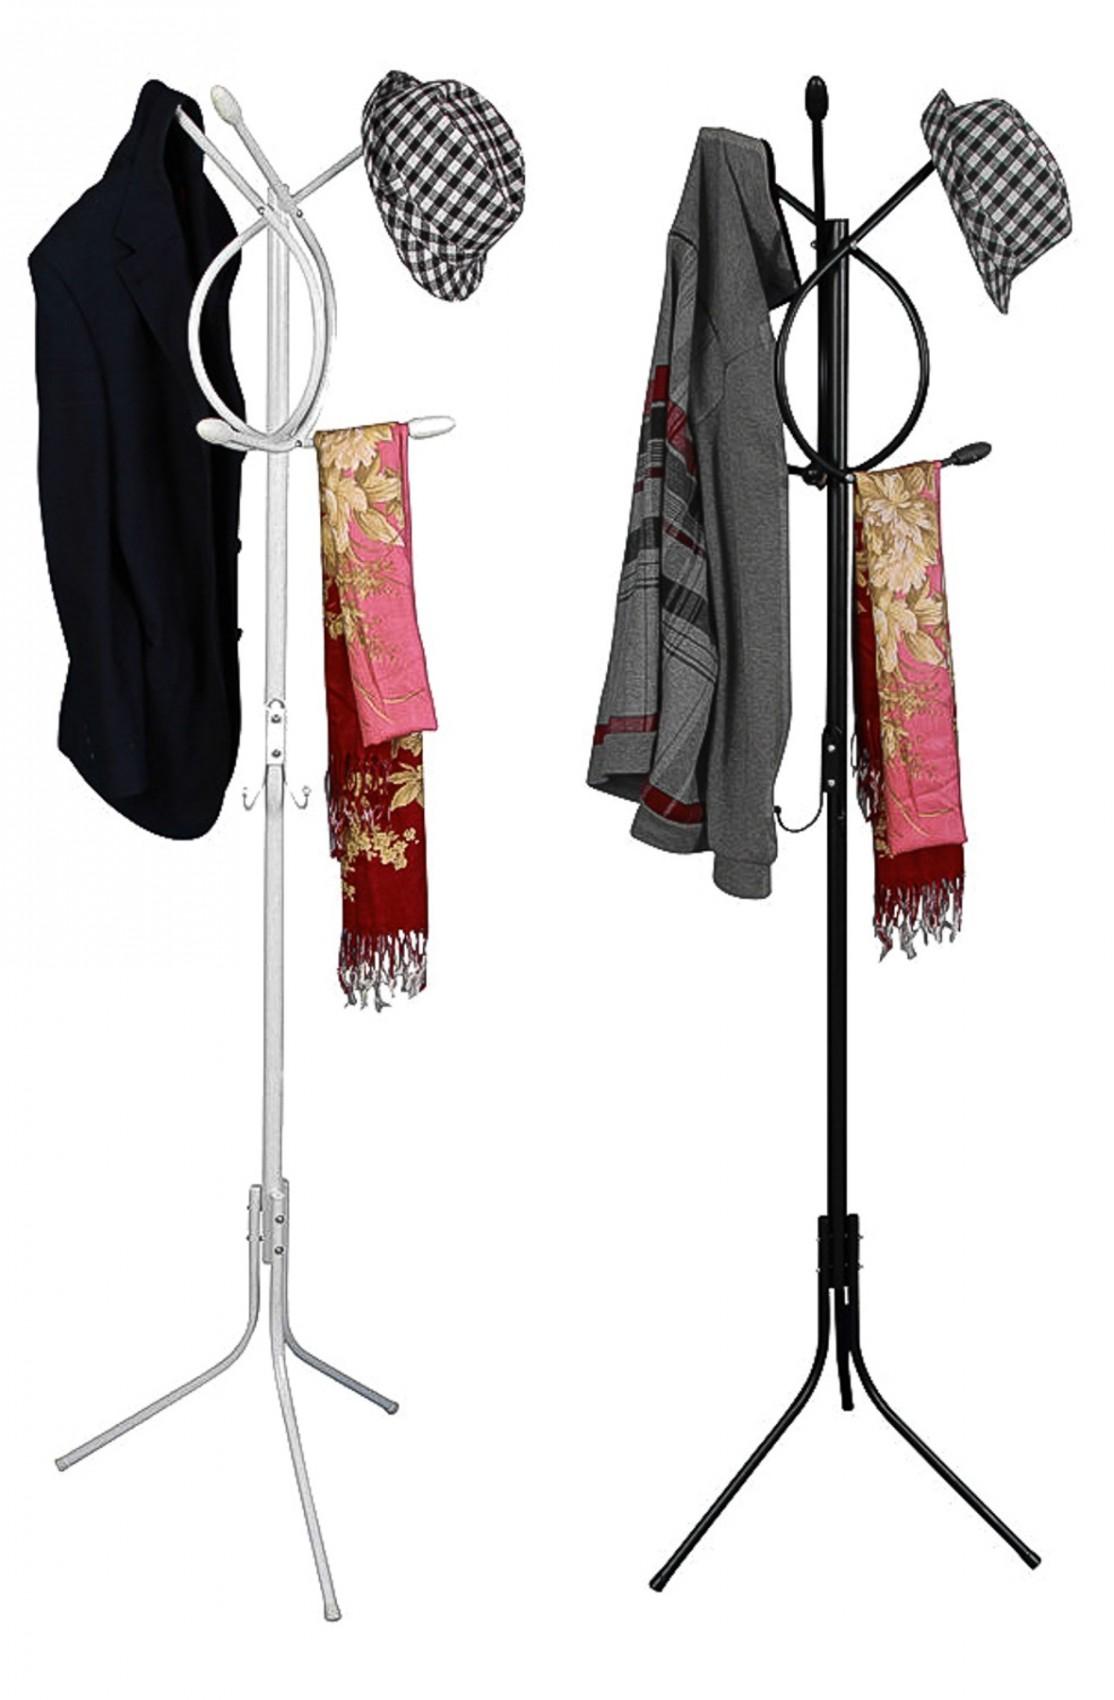 vestiaire nst nder vestiaire porte manteaux pied vestiaire. Black Bedroom Furniture Sets. Home Design Ideas